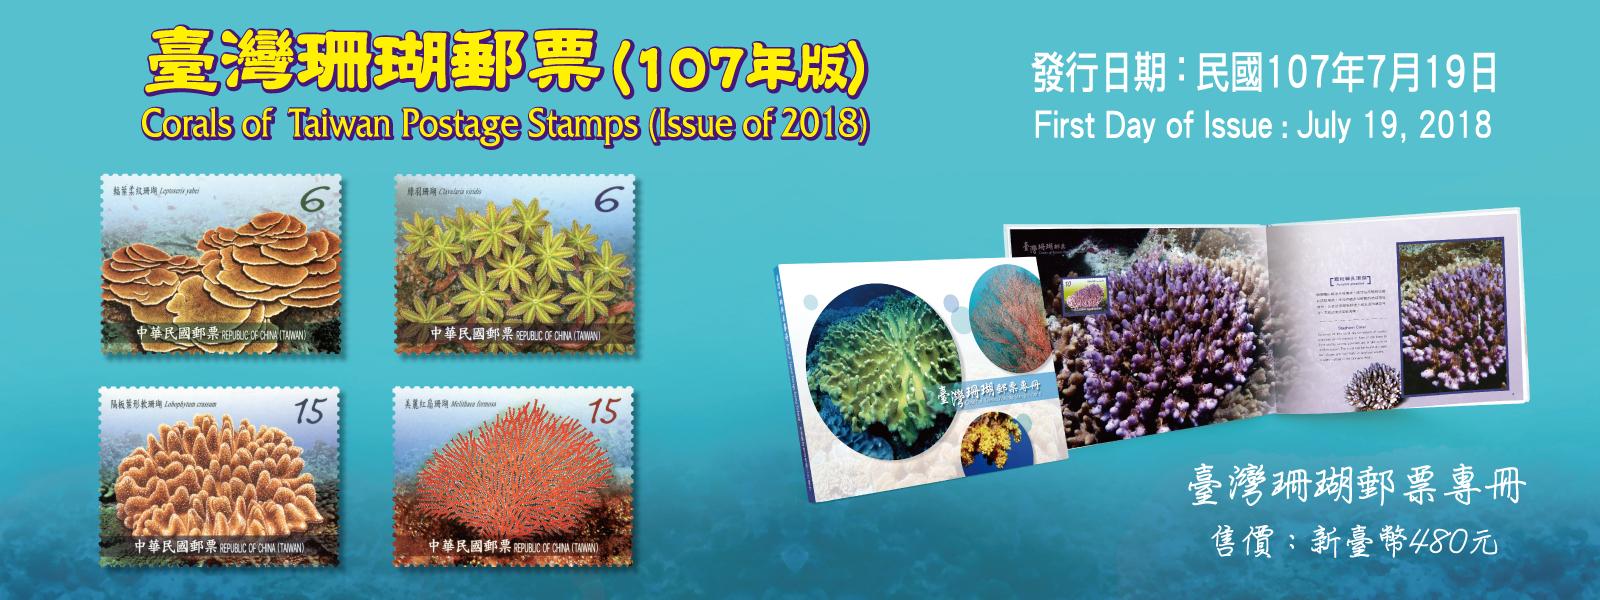 廣告連結:臺灣珊瑚郵票(107年版)